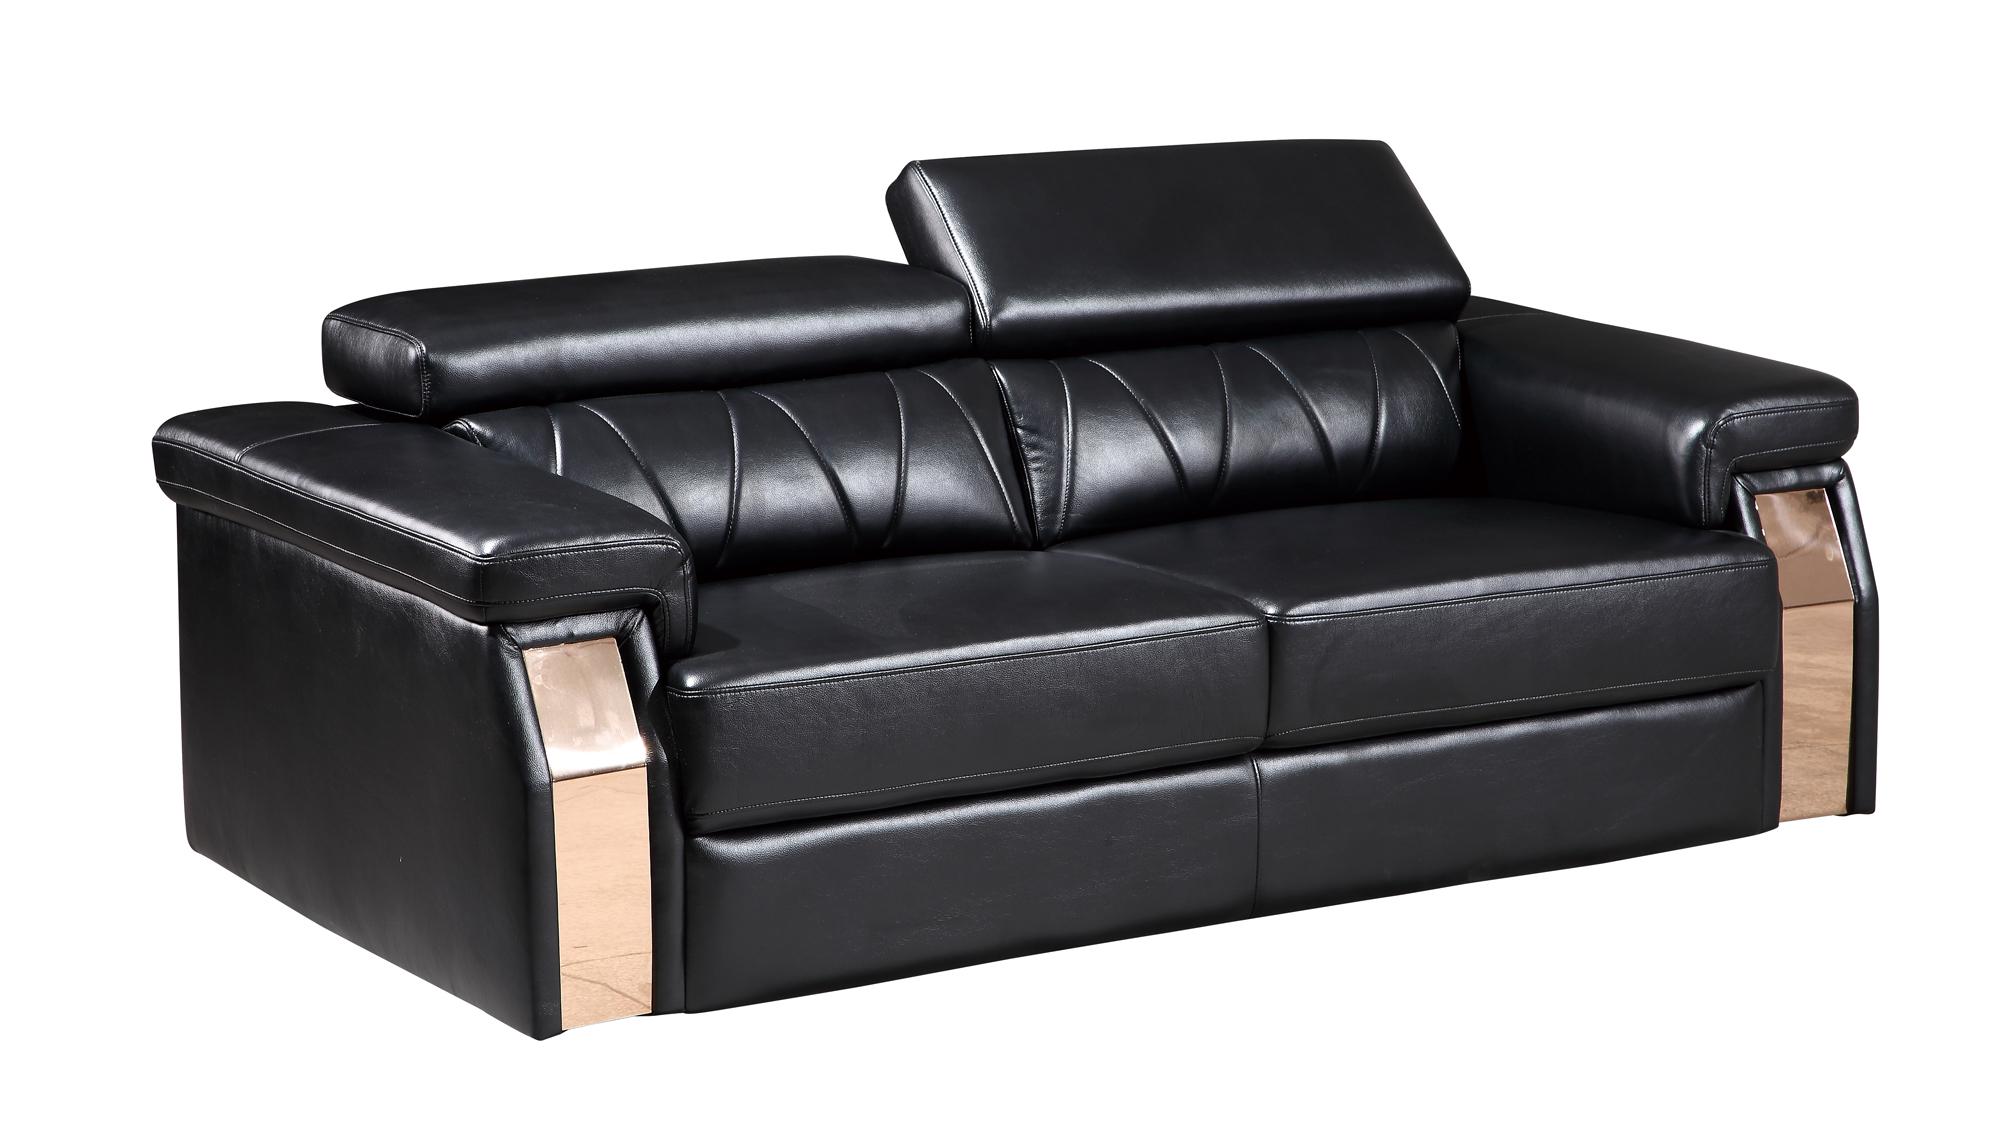 U8012 Black Leather Gel Sofa by Global Furniture